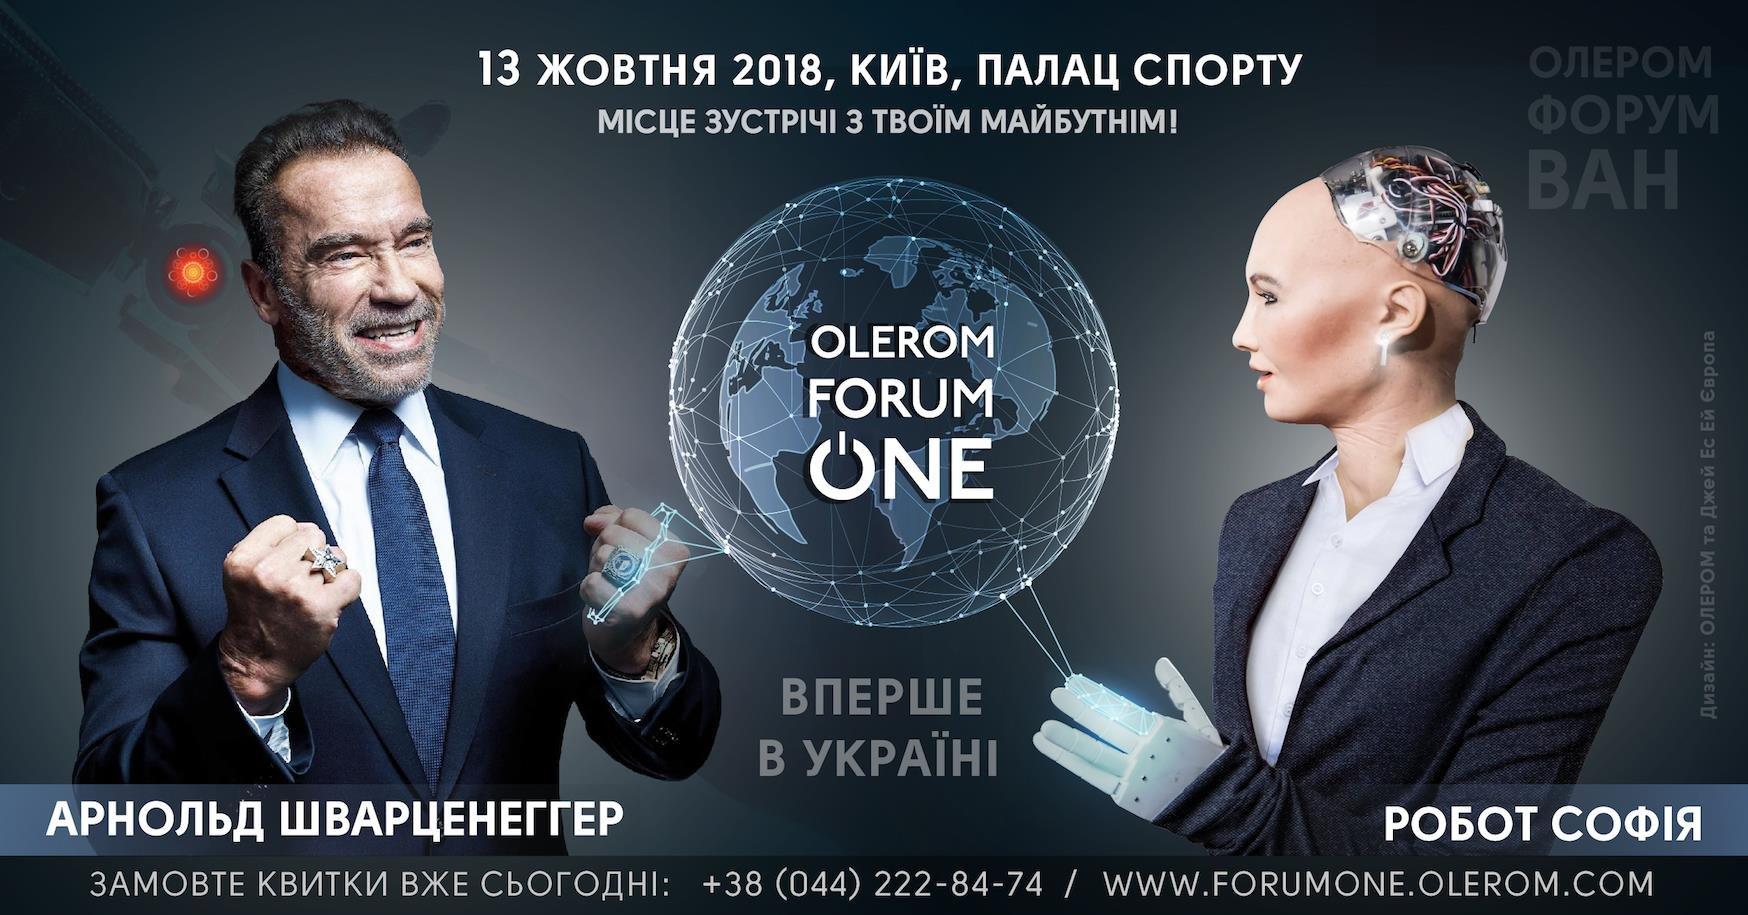 Картинки по запросу Olerom Forum One 2018